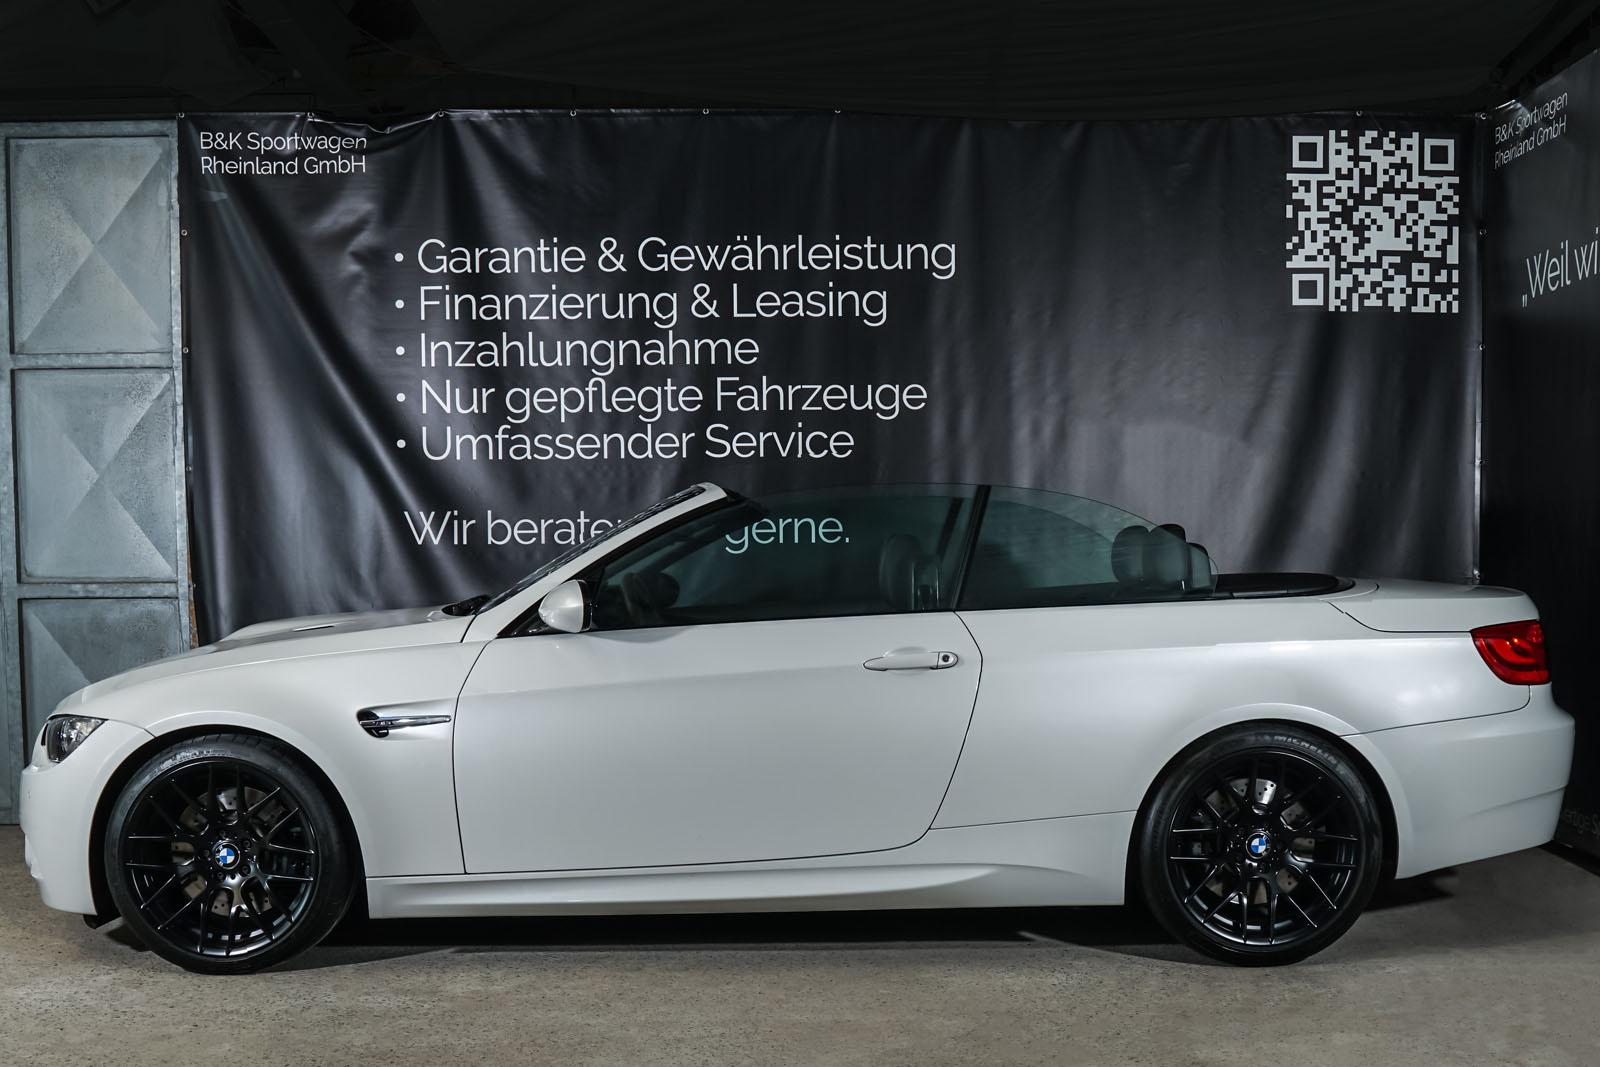 BMW_M3_Cabrio_Weiß_Schwarz_BMW-5973_6_w